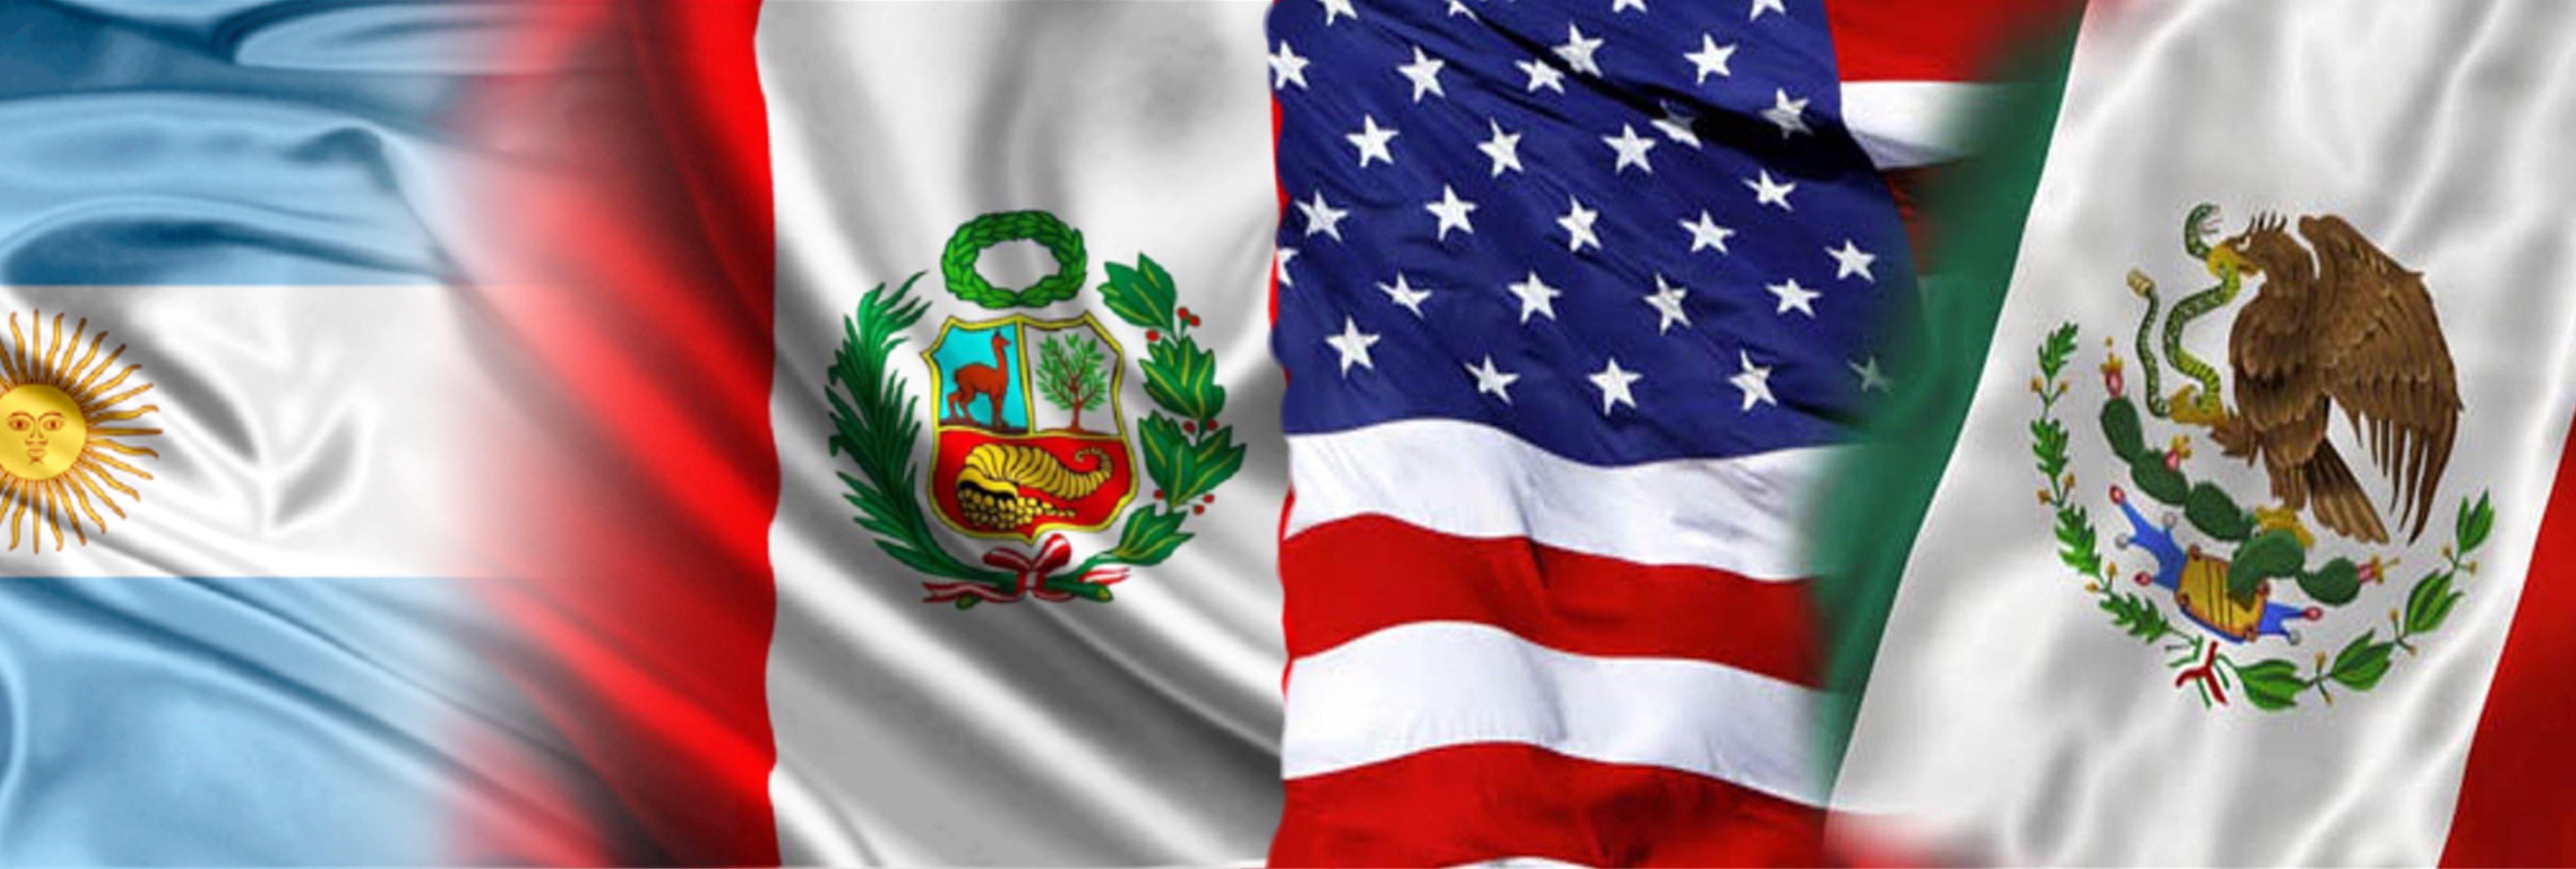 La represión lingüística que siempre han vivido los hispanos en Estados Unidos